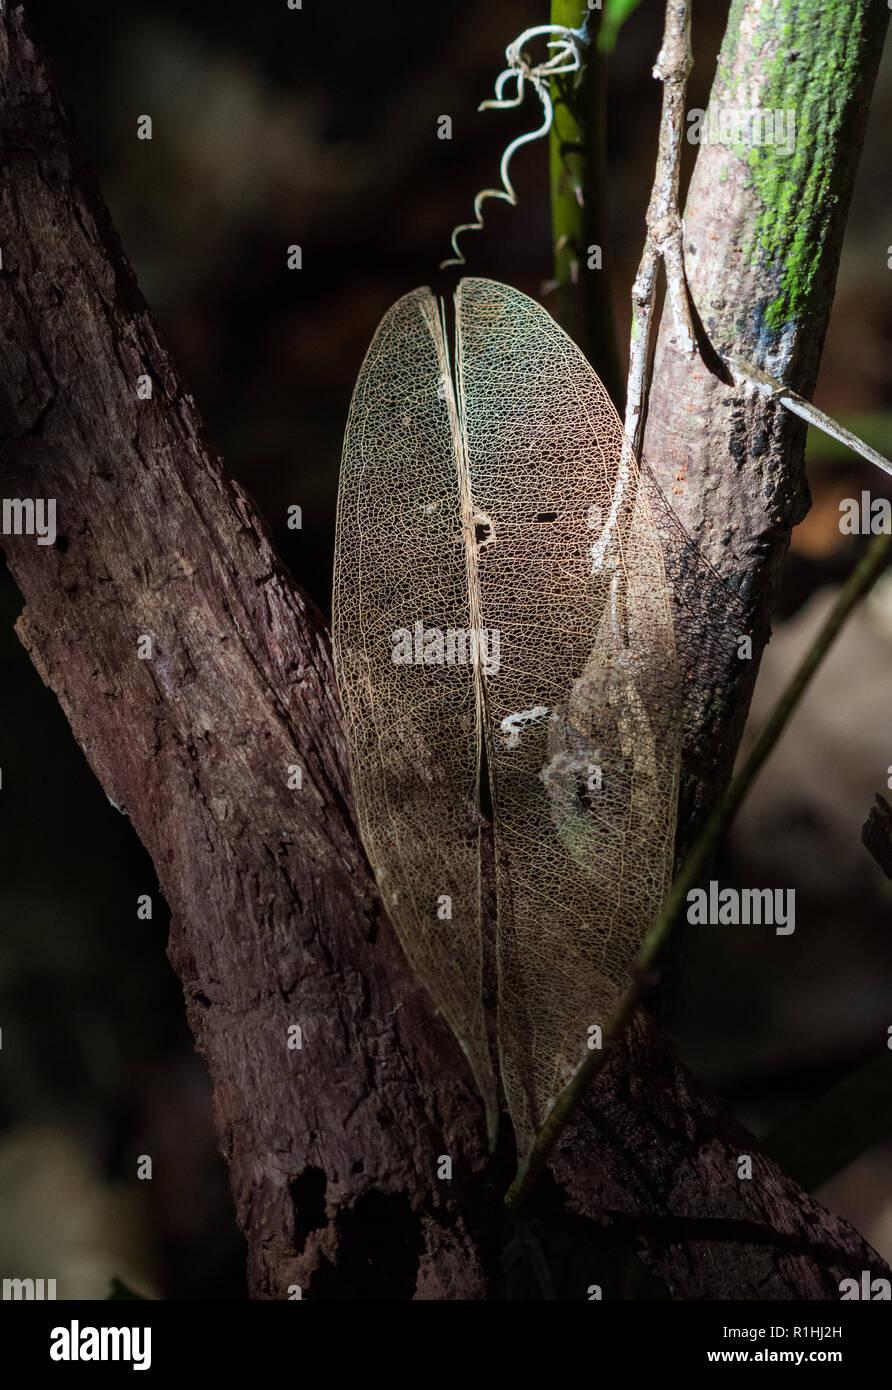 Une feuille en décomposition avec que les veines préservés. L'île de Waigeo, Raja Ampat, Indonésie Photo Stock